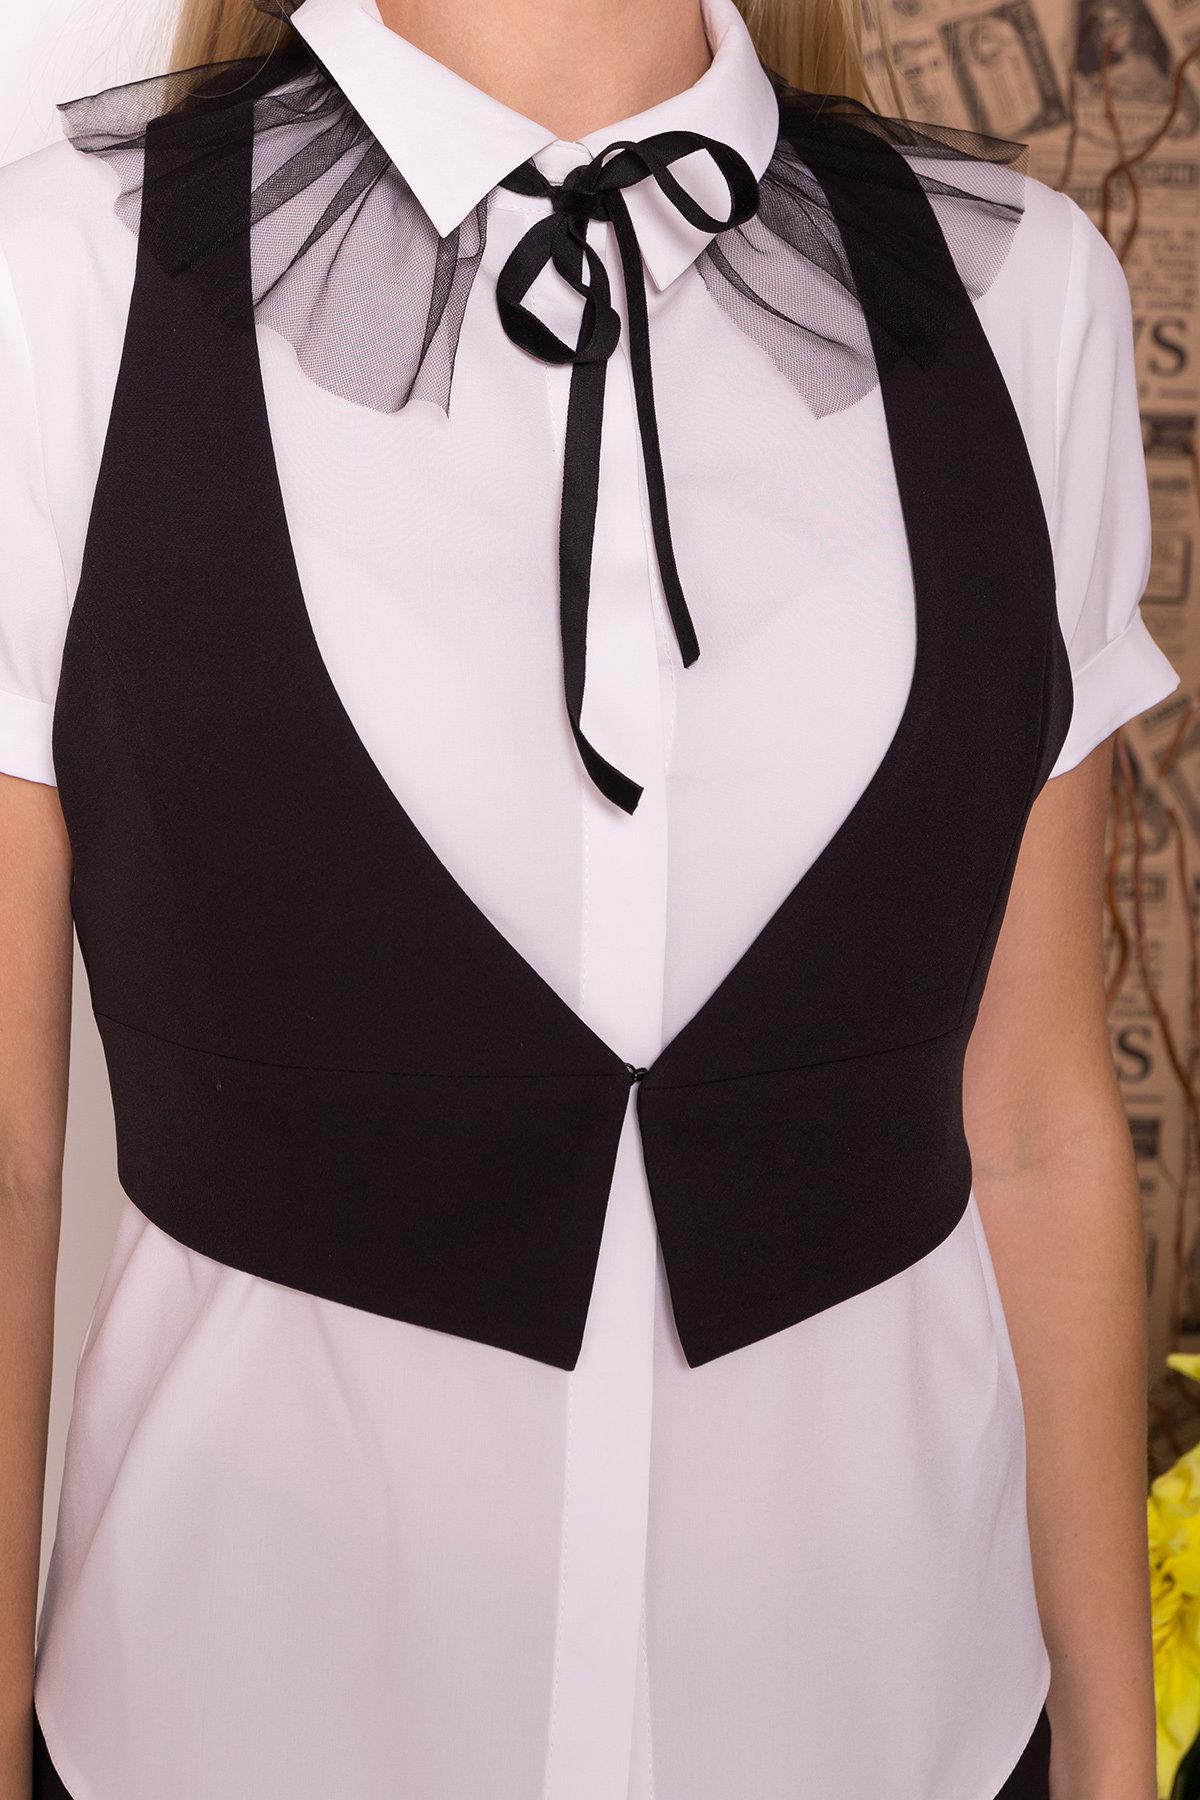 Блузка с жилетом Джетта 7794 АРТ. 43664 Цвет: Белый/черный - фото 5, интернет магазин tm-modus.ru